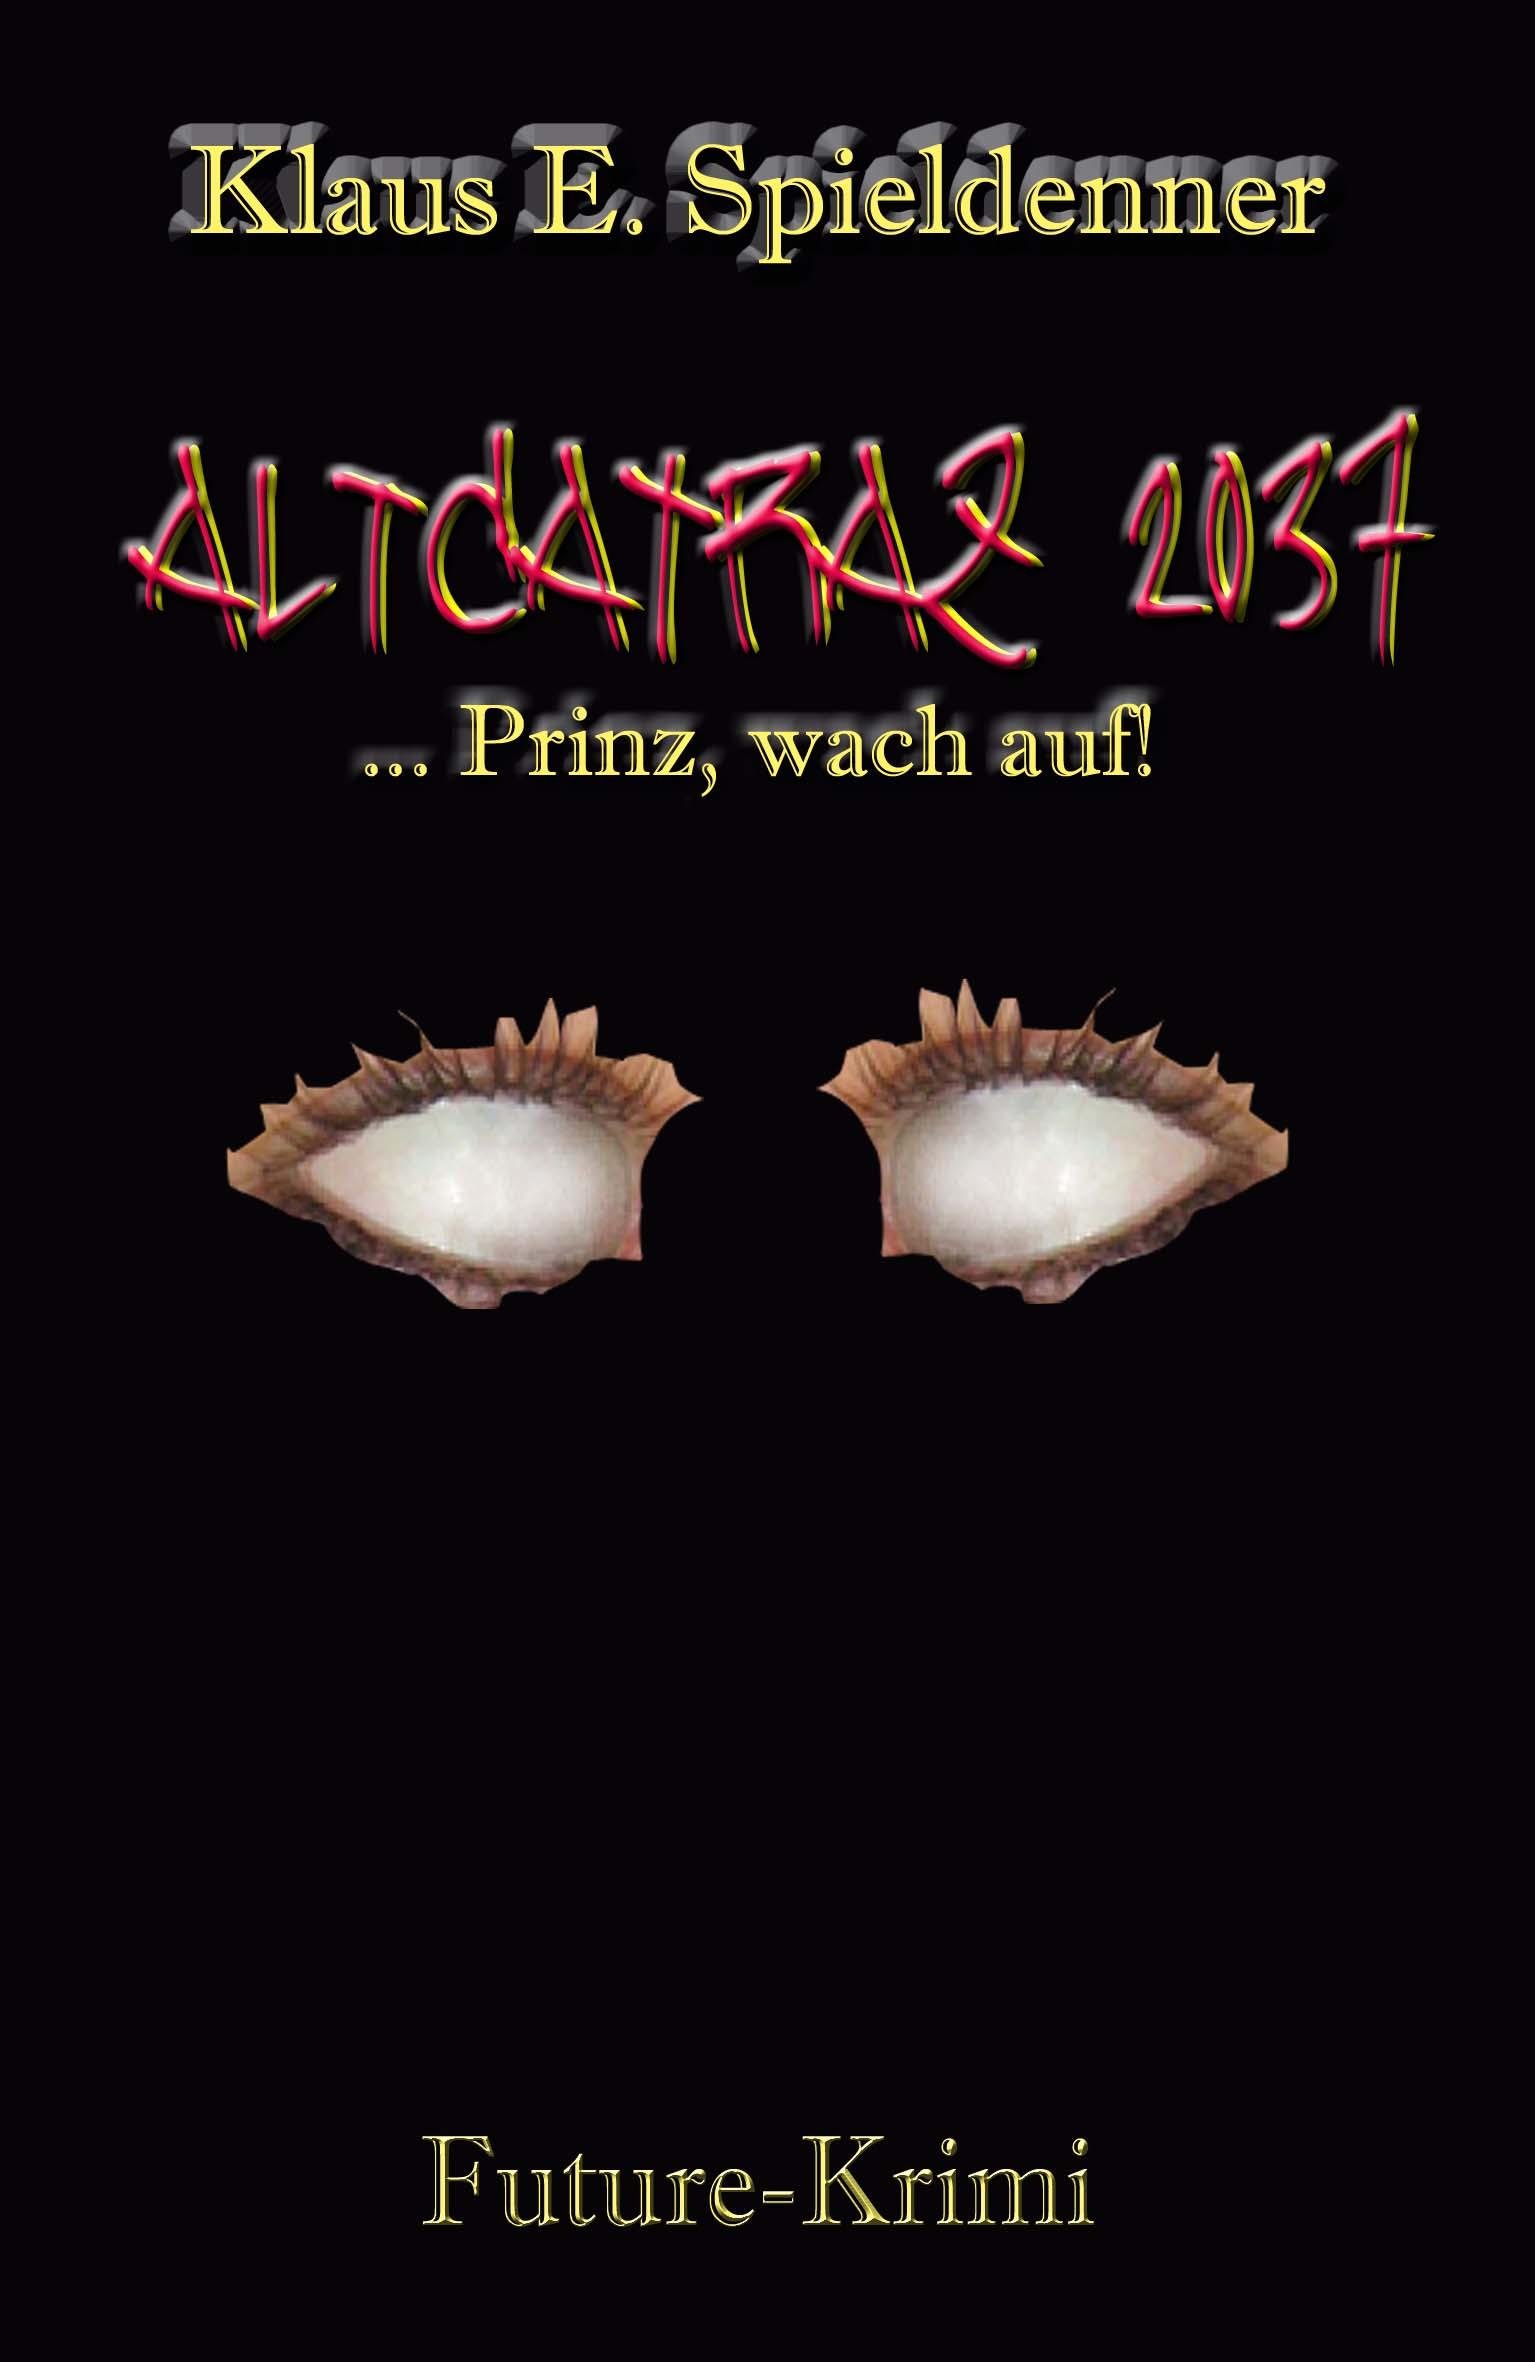 AltCatraz 2037